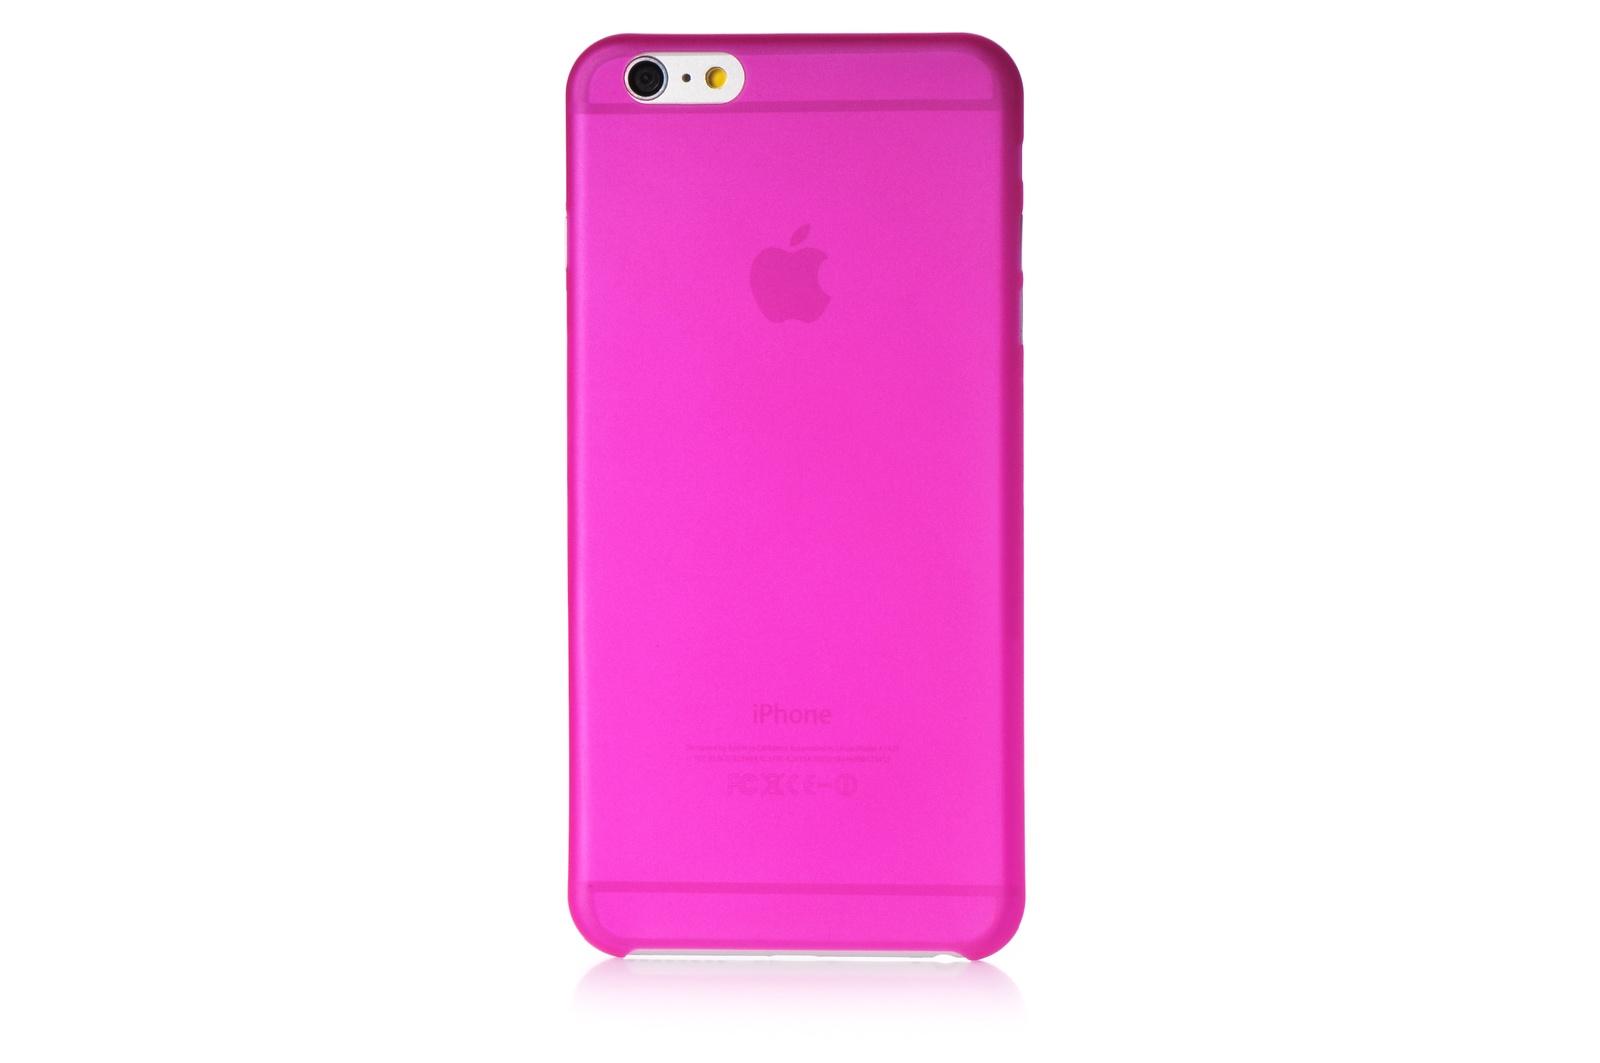 """Чехол для сотового телефона Gurdini пластик 620093 0.2mm для Apple iPhone 6 Plus/6S Plus 5.5"""", темно-розовый"""